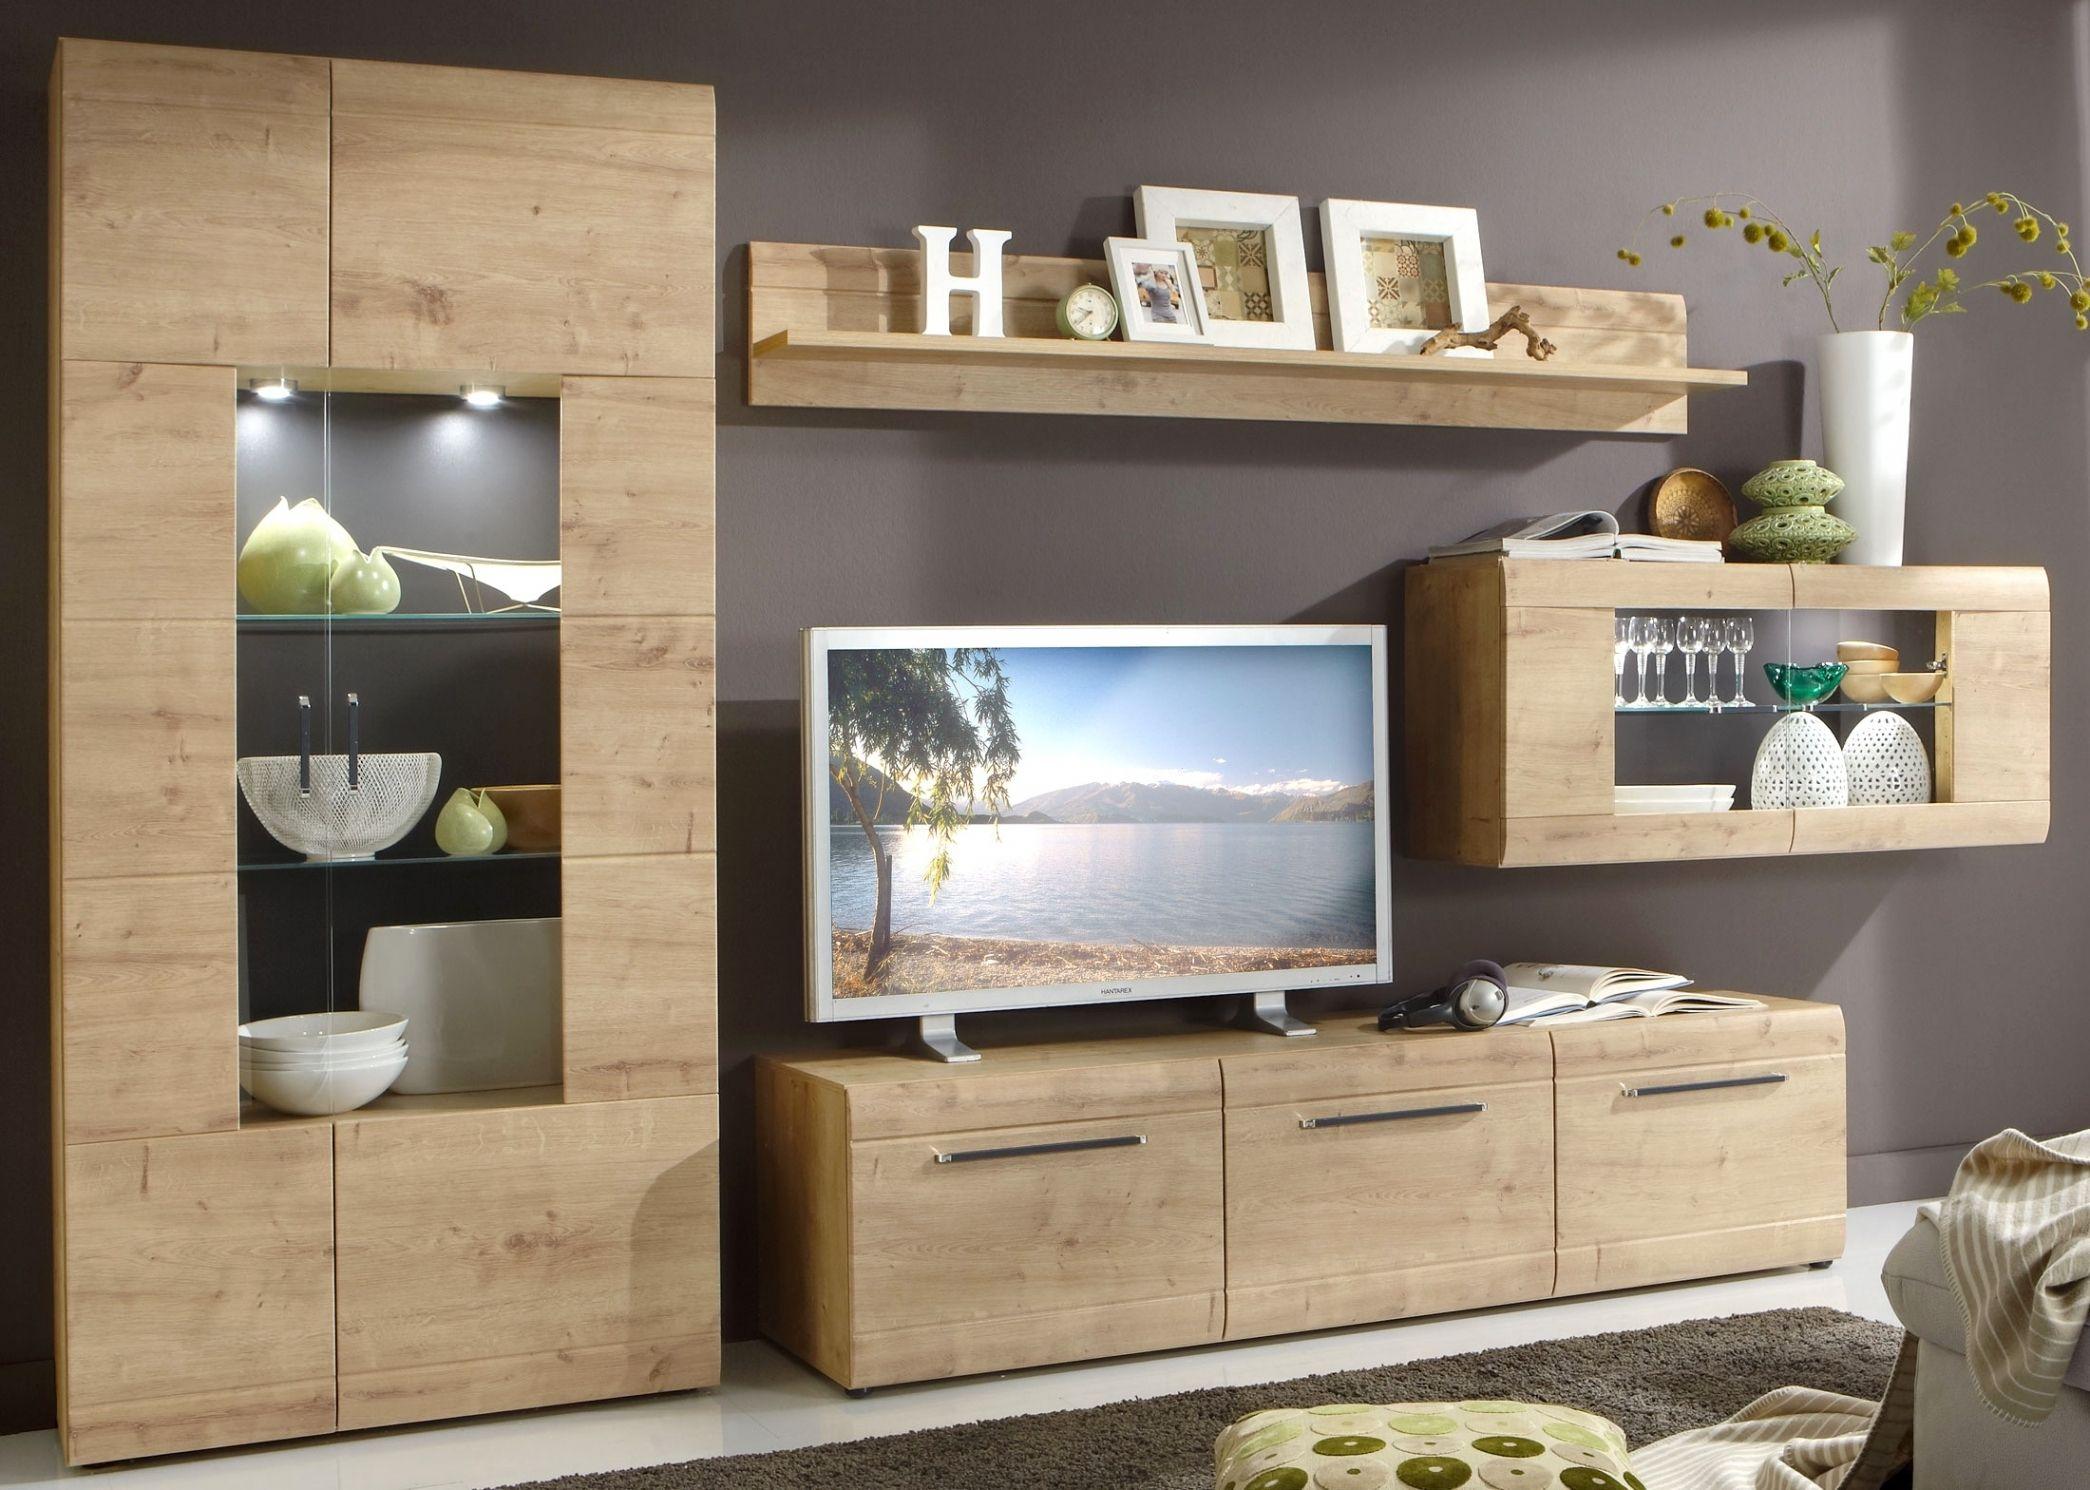 Design wohnzimmermöbel ~ Schön wohnzimmermöbel ebay wohnzimmermöbel ebay